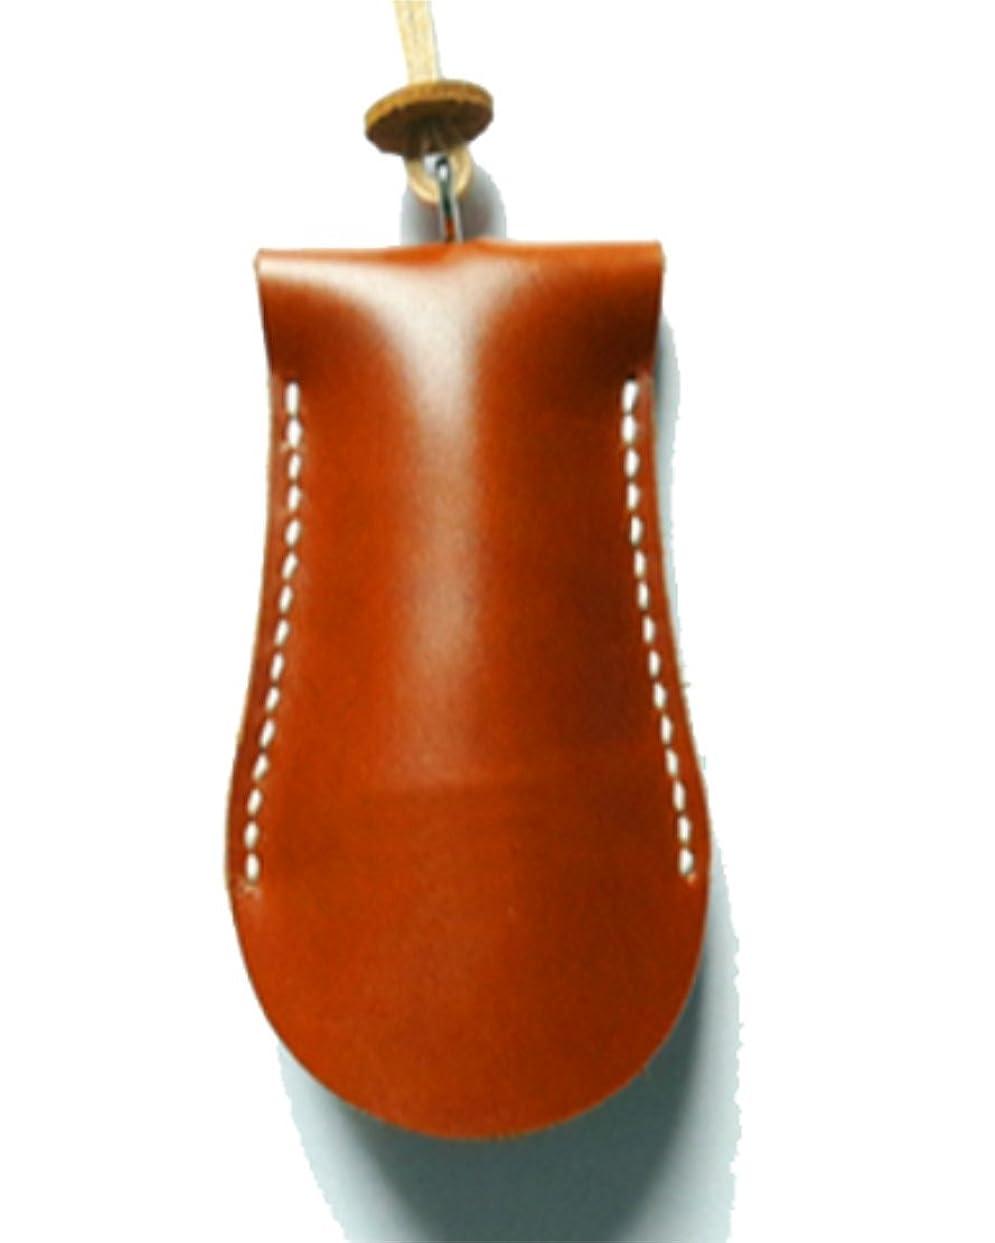 眩惑する椅子ナラーバーhandmade ACCESSORY メンズ US サイズ: Medium カラー: ブラウン